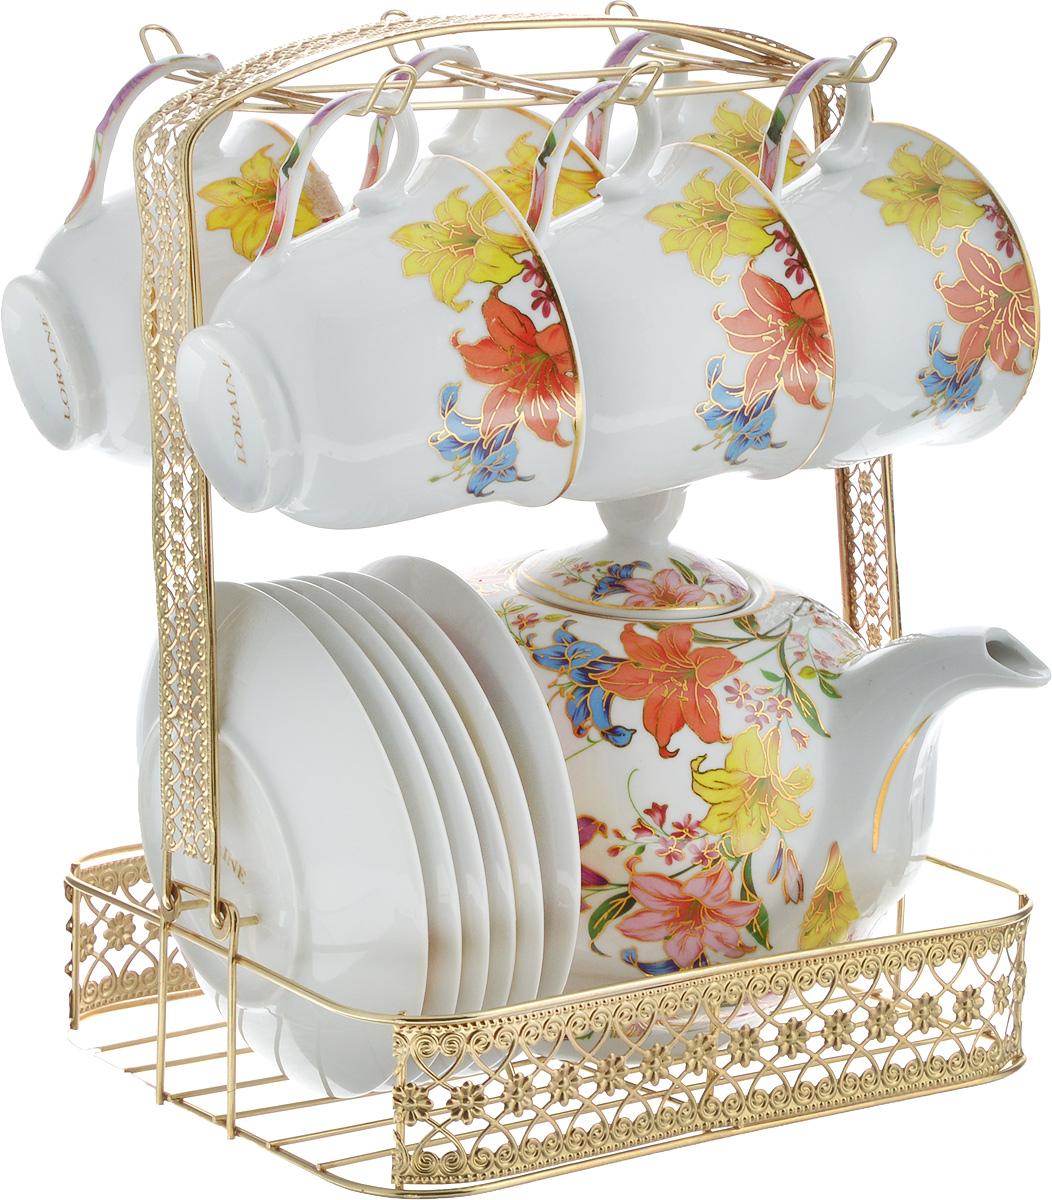 Набор чайный Loraine, на подставке, 14 предметов. 26666115510Чайный набор Loraine состоит из 6 чашек, 6 блюдец, заварочного чайника и подставки. Посуда изготовлена из качественной глазурованной керамики и оформлена изображением цветов. Блюдца и чашки имеют классическую круглую форму. Все предметы располагаются на удобной металлической подставке со съемной ручкой. Чайный набор Loraine идеально подойдет для сервировки стола и станет отличным подарком к любому празднику. Можно использовать в холодильнике и и мыть в посудомоечной машине. Объем чашки: 220 мл. Диаметр чашки (по верхнему краю): 8,7 см. Высота чашки: 7,3 см. Диаметр блюдца: 13,5 см. Высота блюдца: 2 см.Объем чайника: 950 мл. Размер чайника (с учетом ручки, носика и крышки): 21 х 12,5 х 15,5 см. Размер подставки (с учетом ручки): 21 х 18 х 26,5 см.